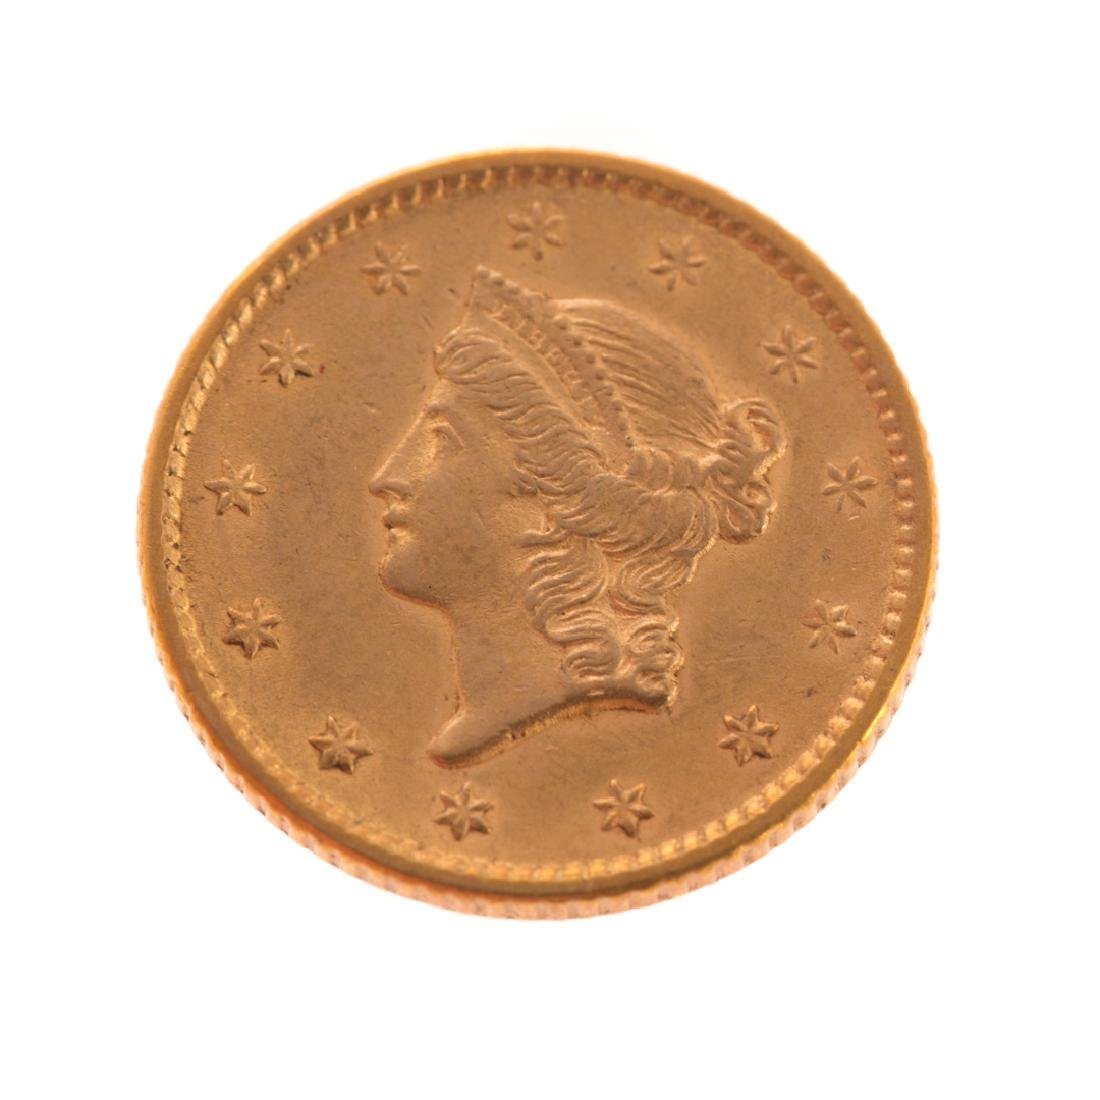 [US] 1852 $1 Gold Liberty - AU